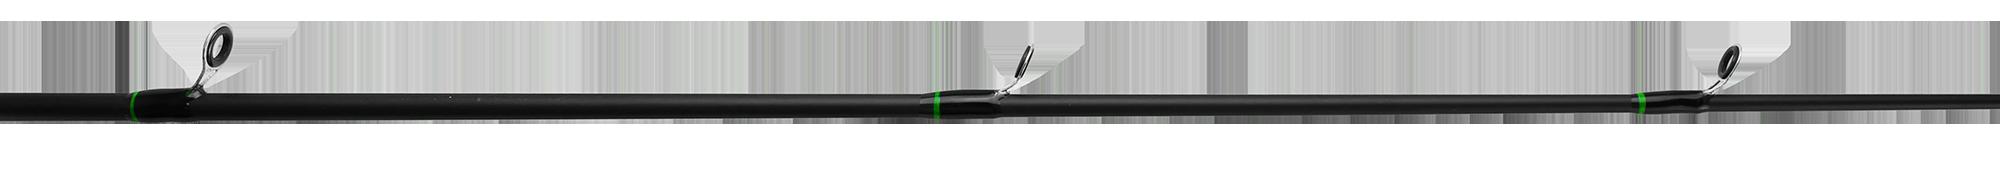 Vara Para Carretilha Albatroz Comander Carbon Solid C lll 5